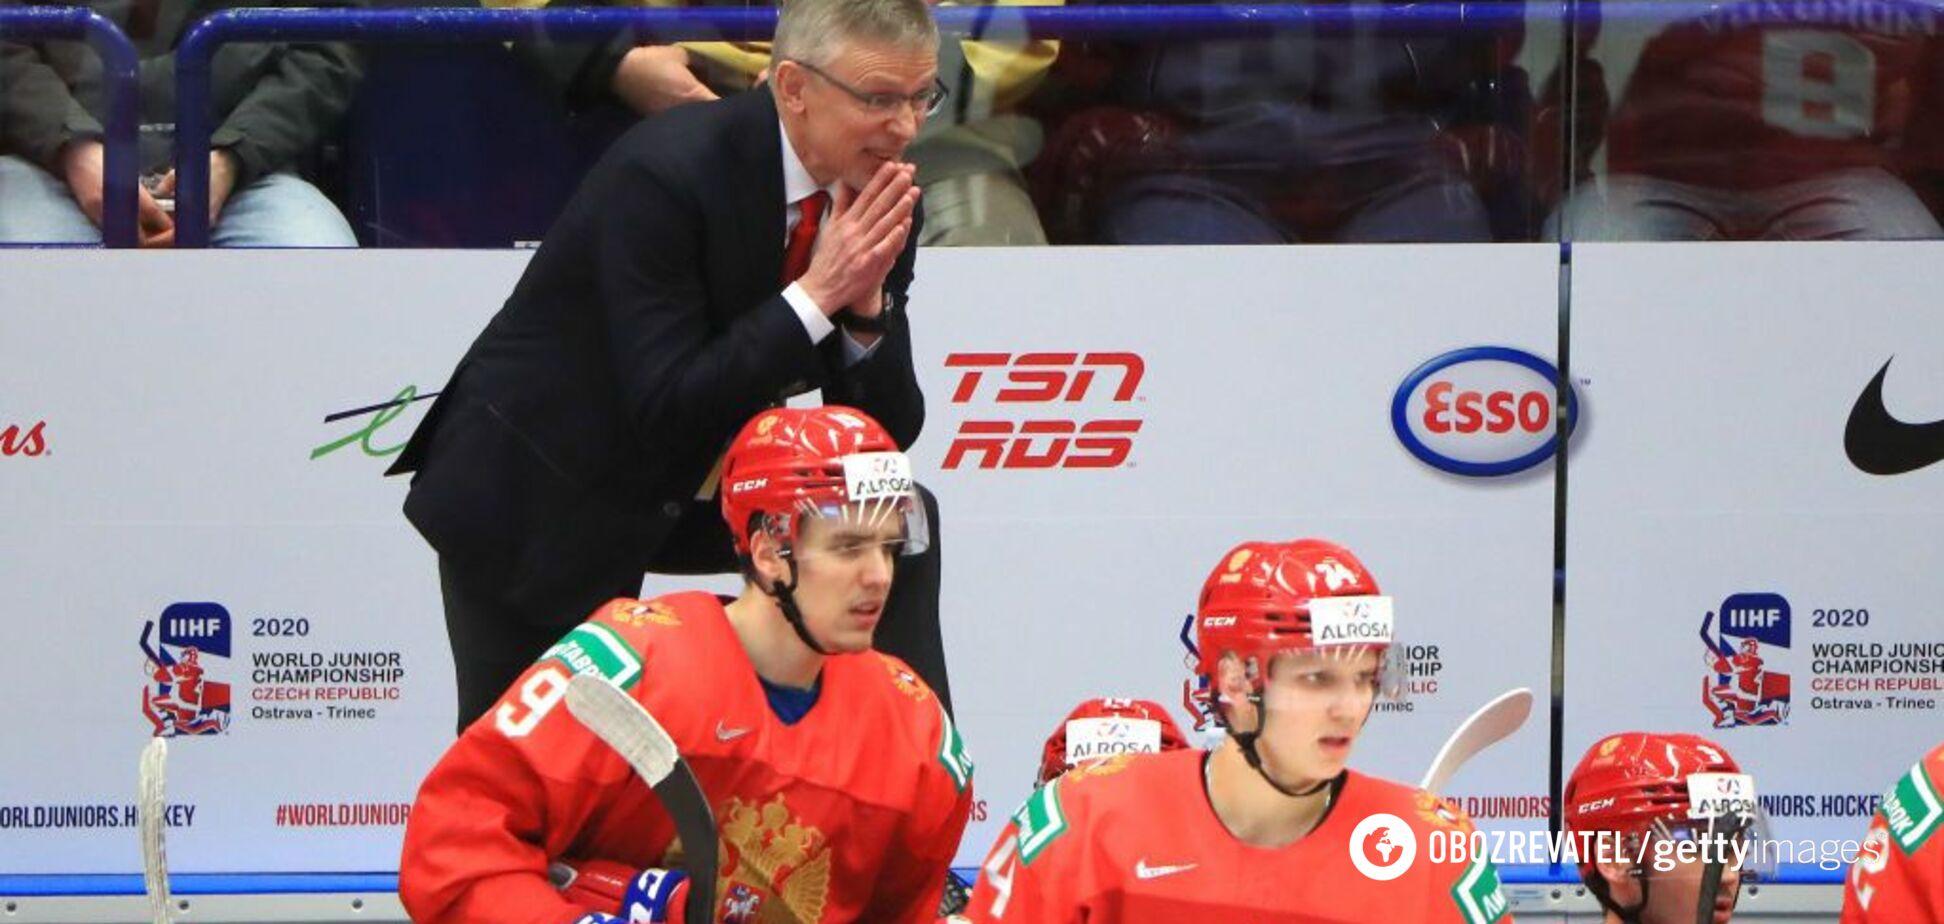 Где смотреть финал чемпионата мира по хоккею U-20: расписание трансляций